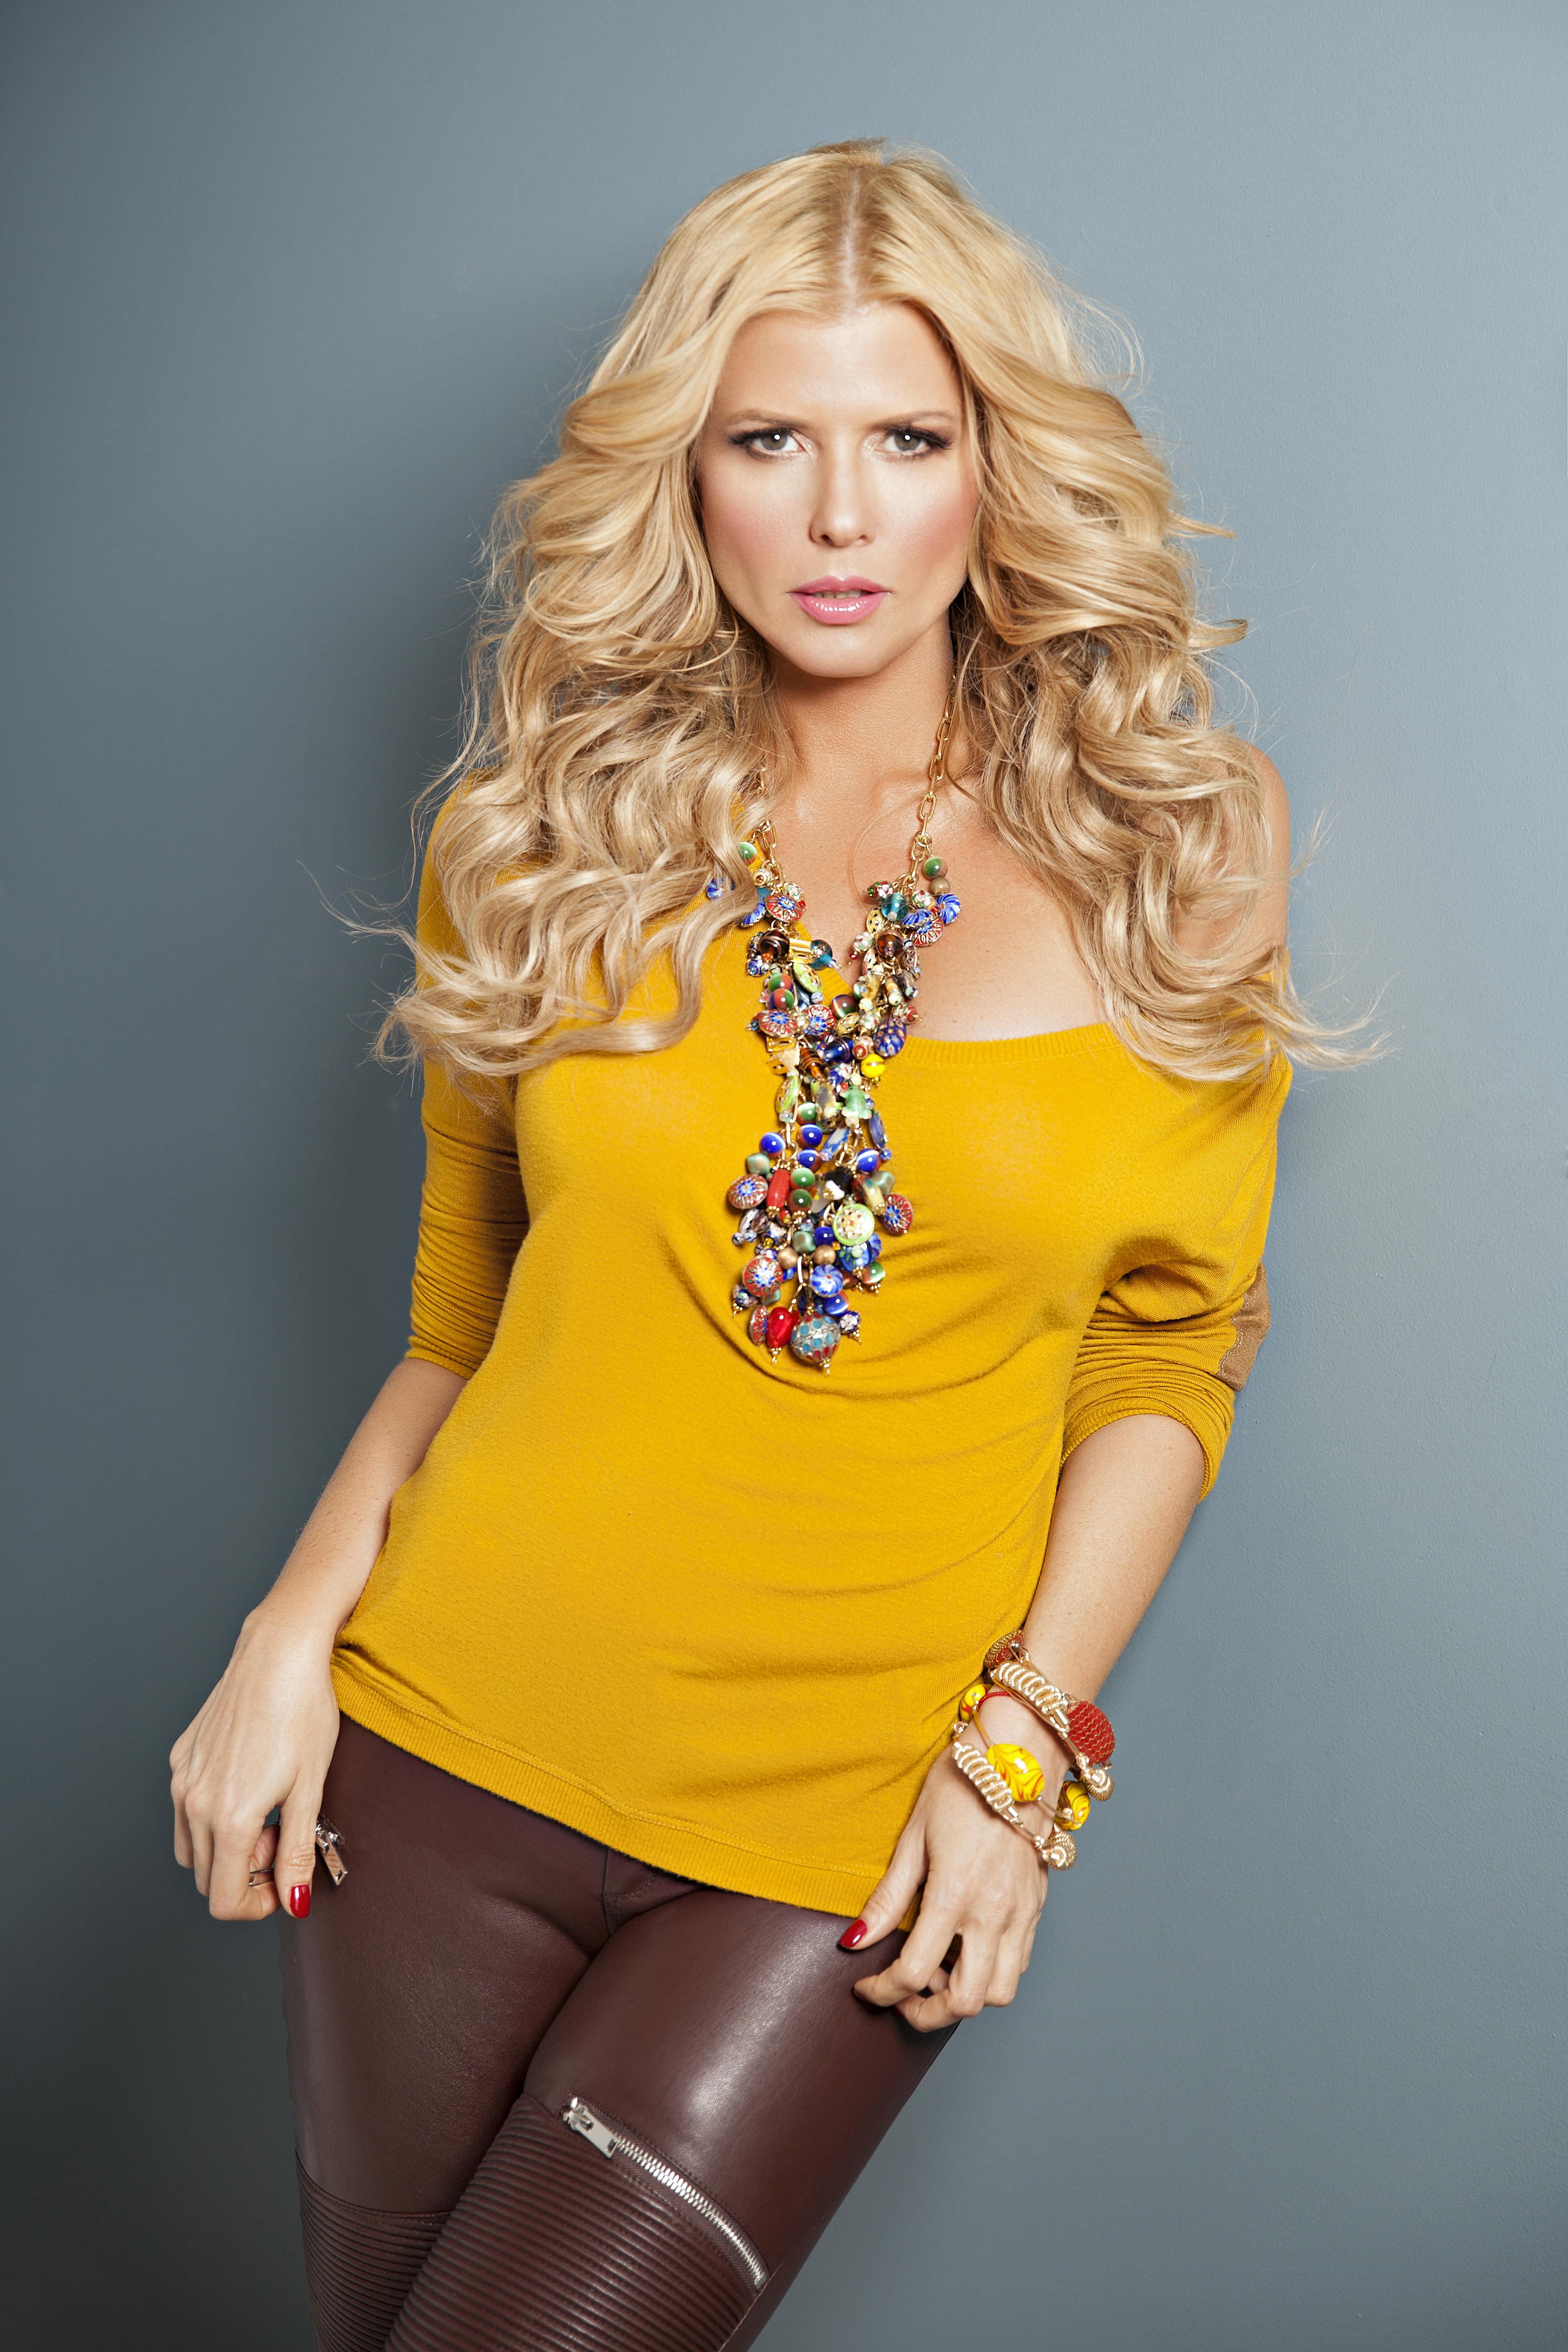 IMG_2507 Sissi Fleitas, la cubana más sexy de la tv en inglés